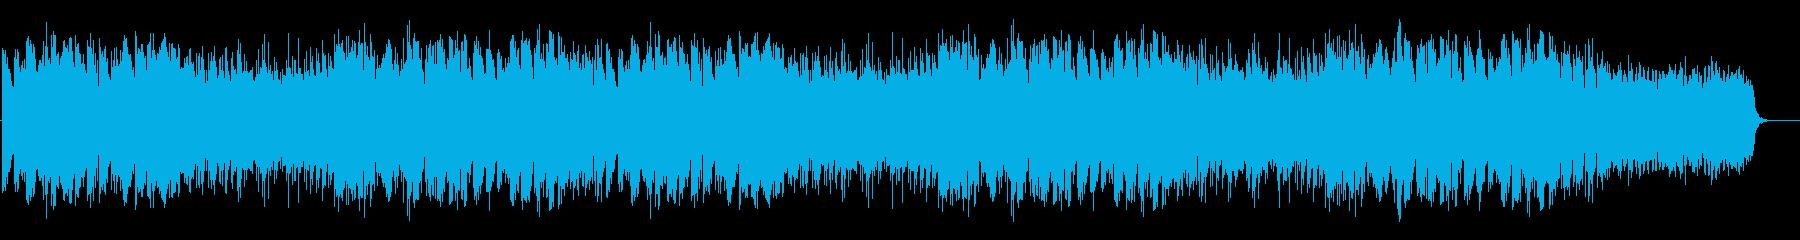 高貴なモノローグを意識したタイトル風の再生済みの波形